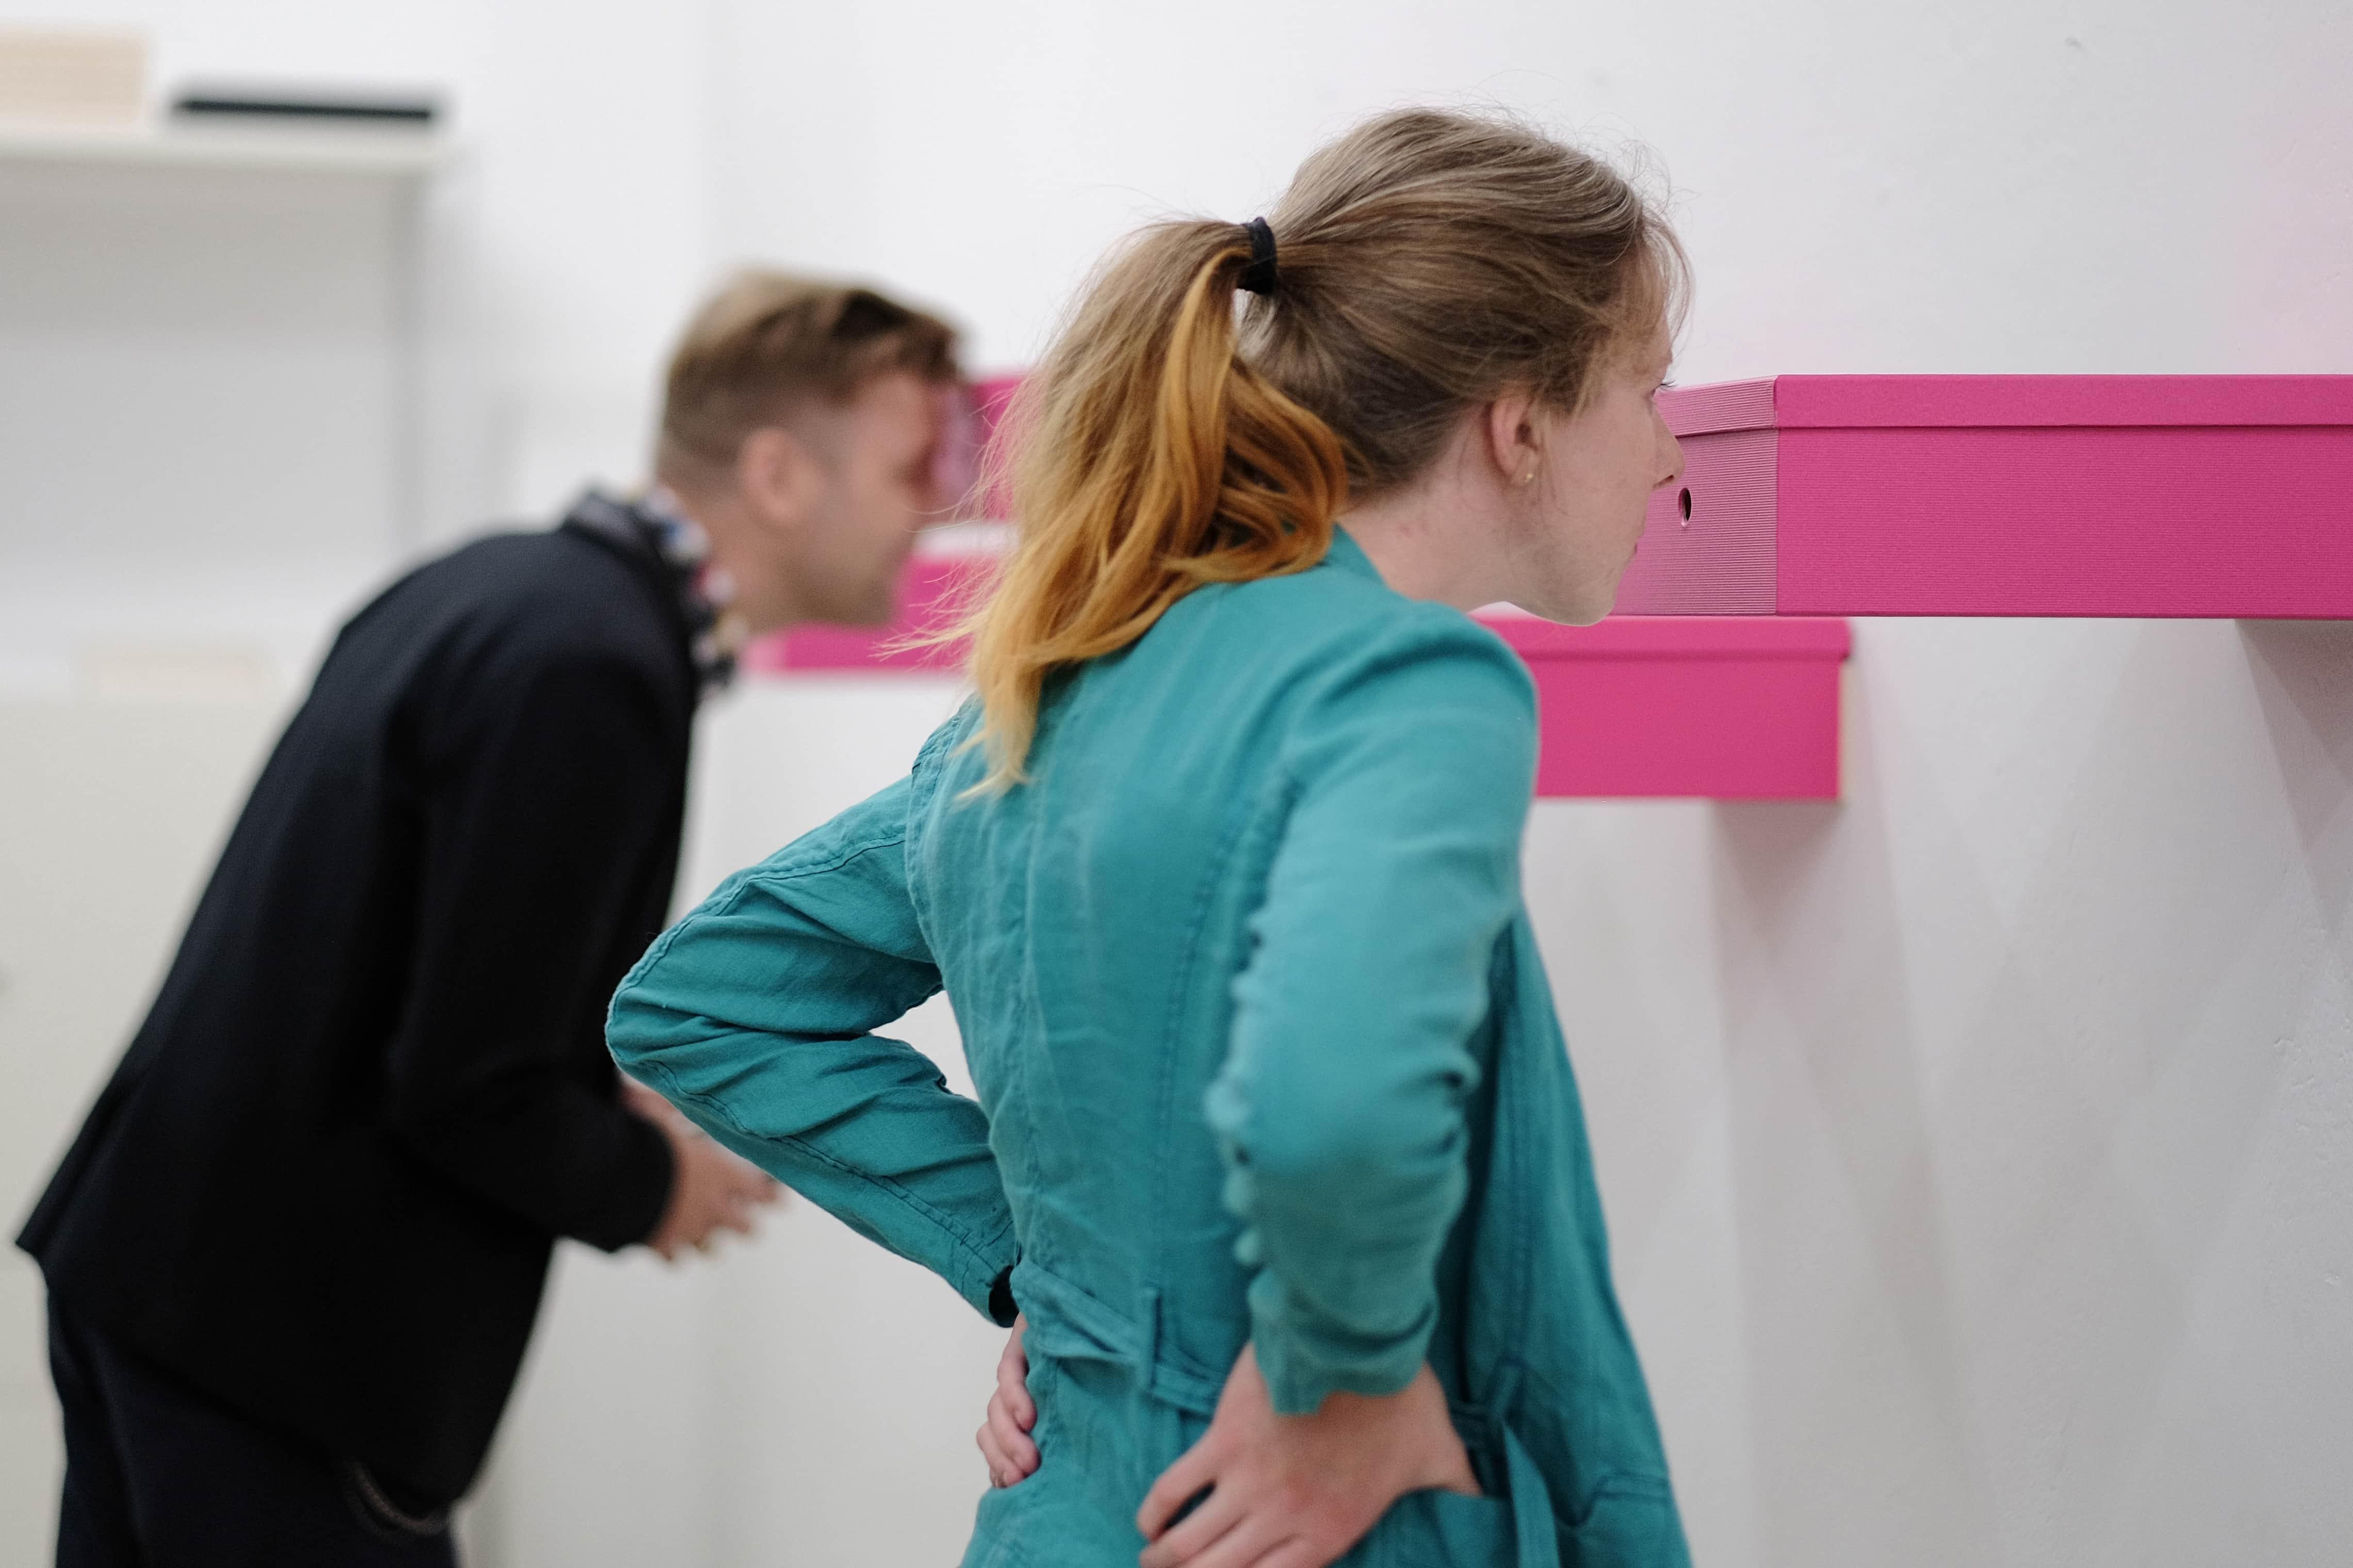 Raum für Fotografie - Ausstellung blickwechsel 2018 (c) Manu Lasnik